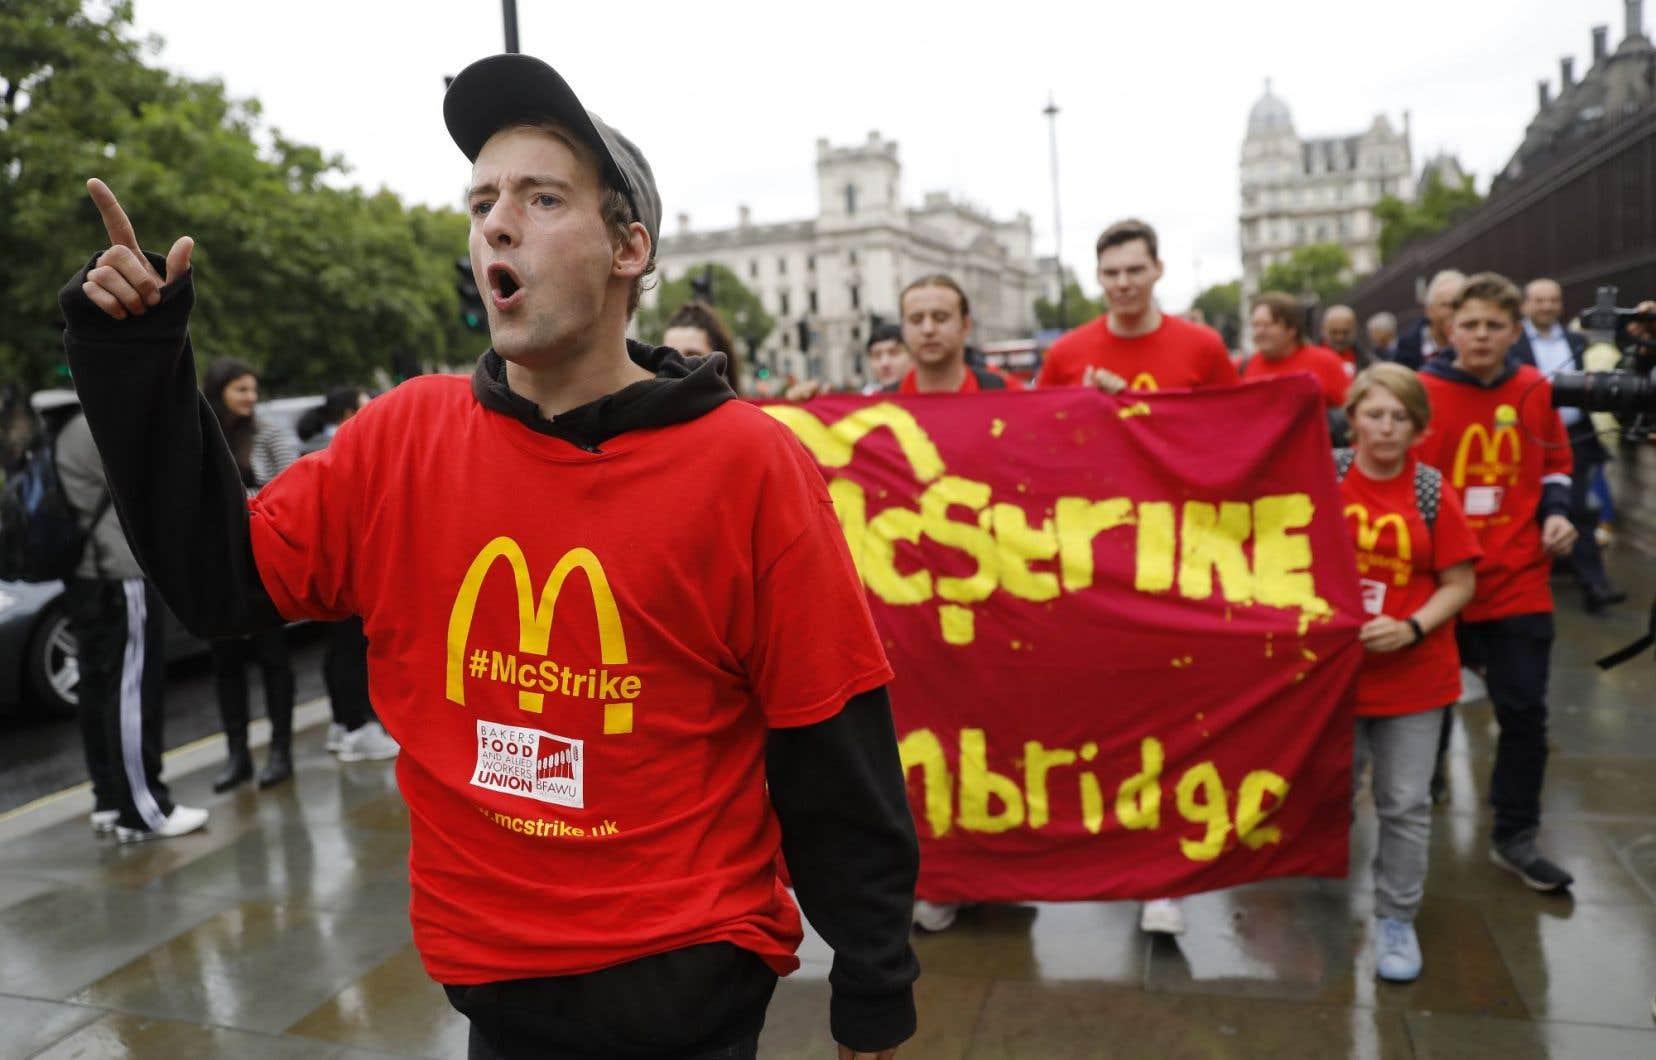 Le conflit porte sur des salaires jugés trop modestes, les conditions de travail et la sécurité de l'emploi.